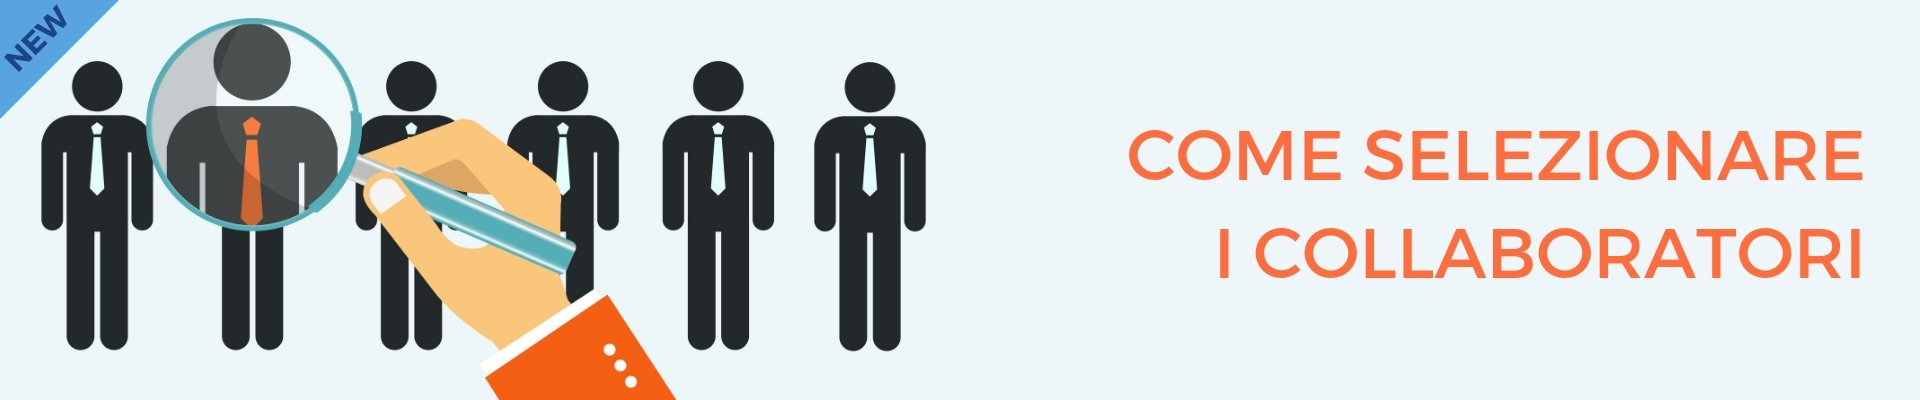 Come selezionare i collaboratori